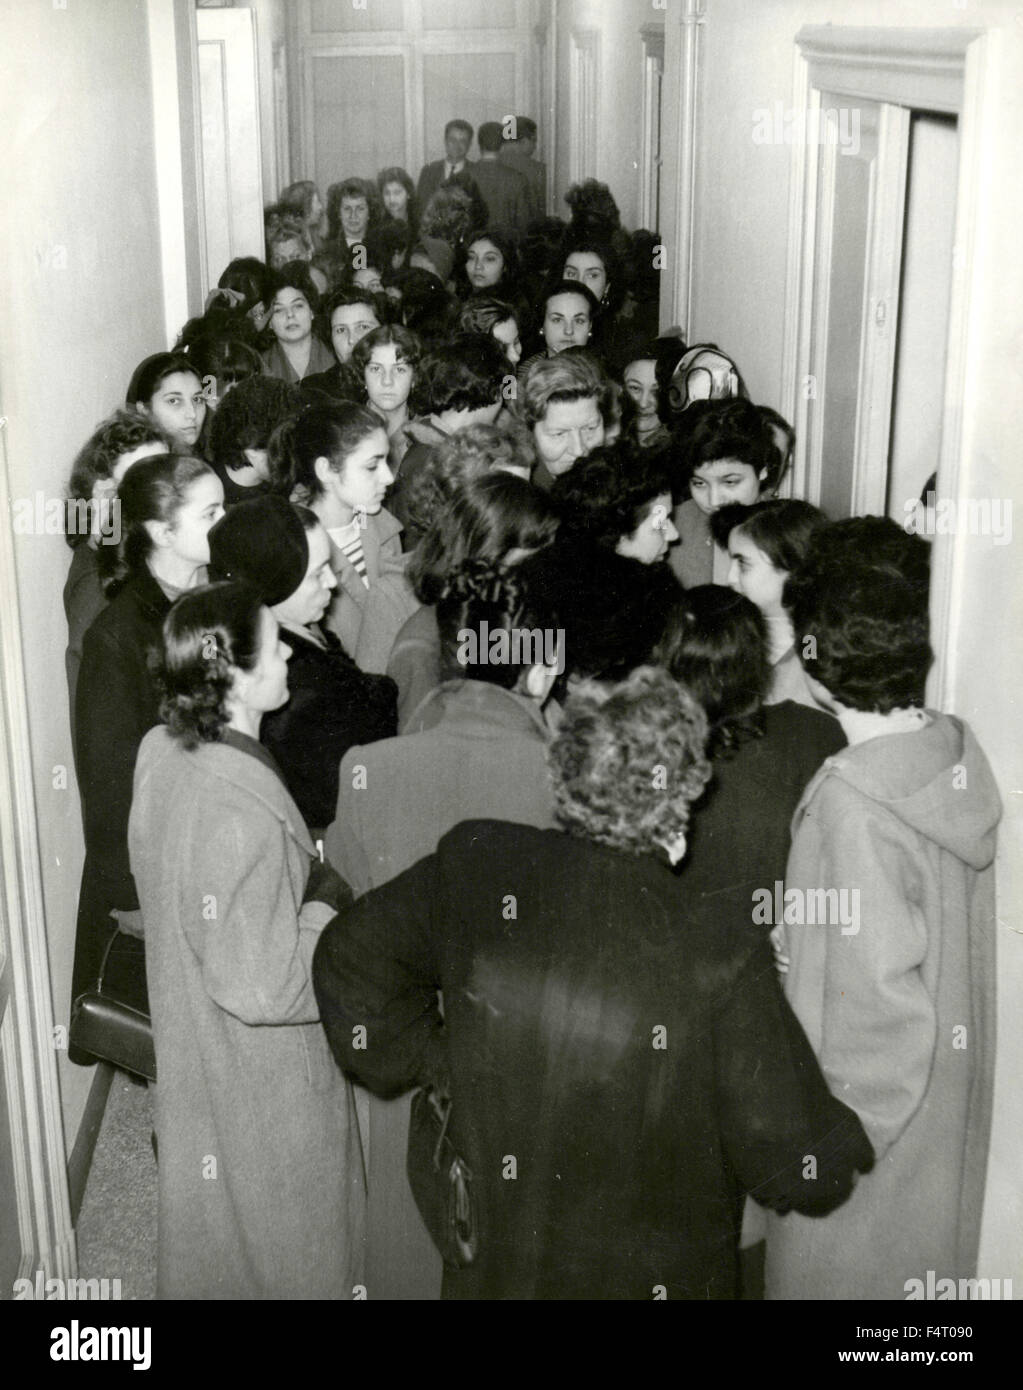 Ligne dans le couloir pour les spécimens des extras (générique) à Athena Films, Italie Photo Stock